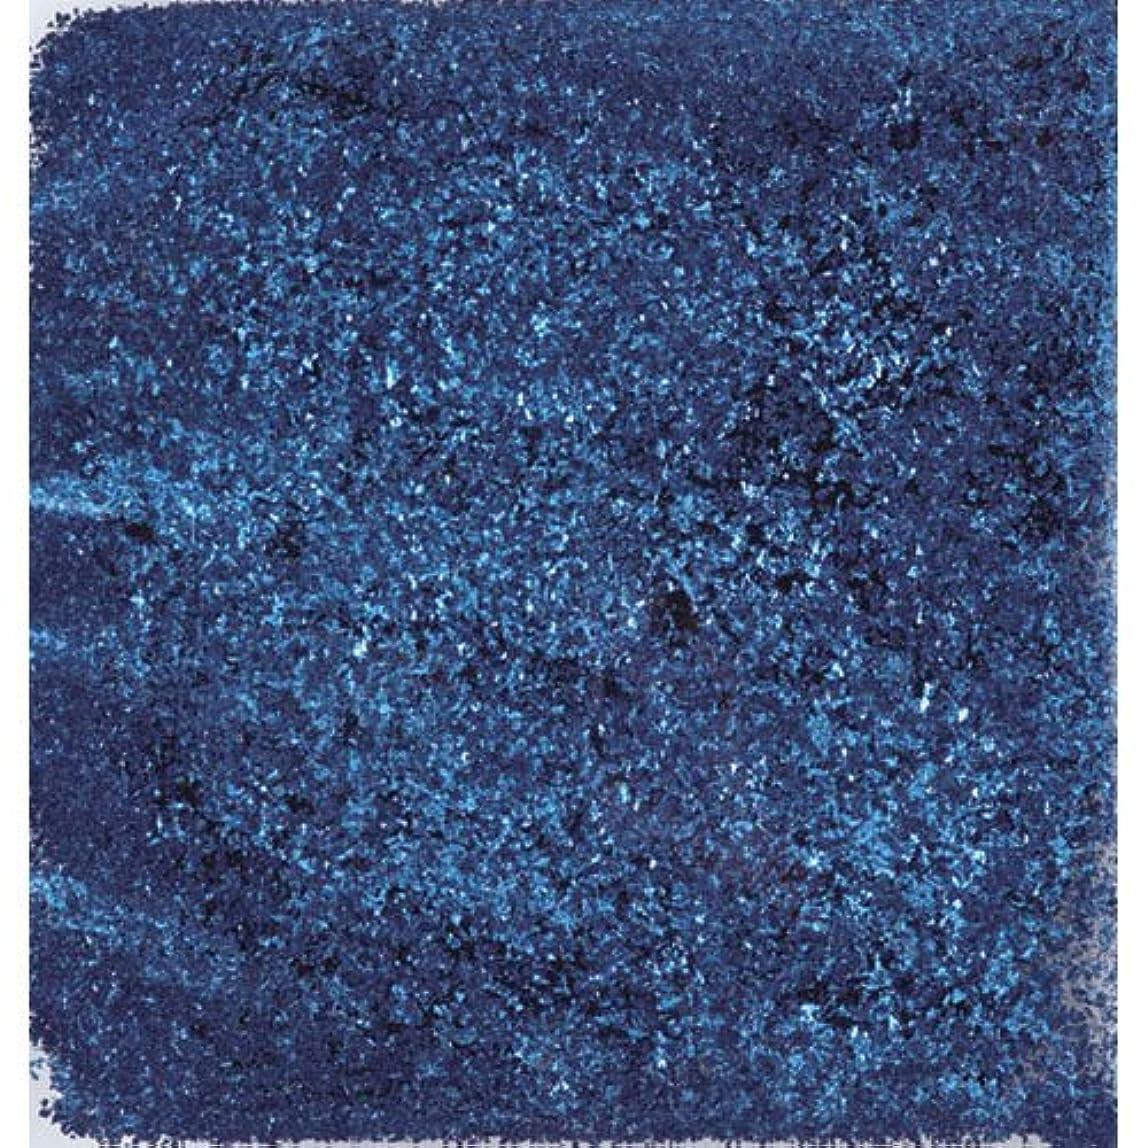 ミネラルスイングアコードピカエース ネイル用パウダー ピカエース シャインフレーク #713 藍色 0.3g アート材